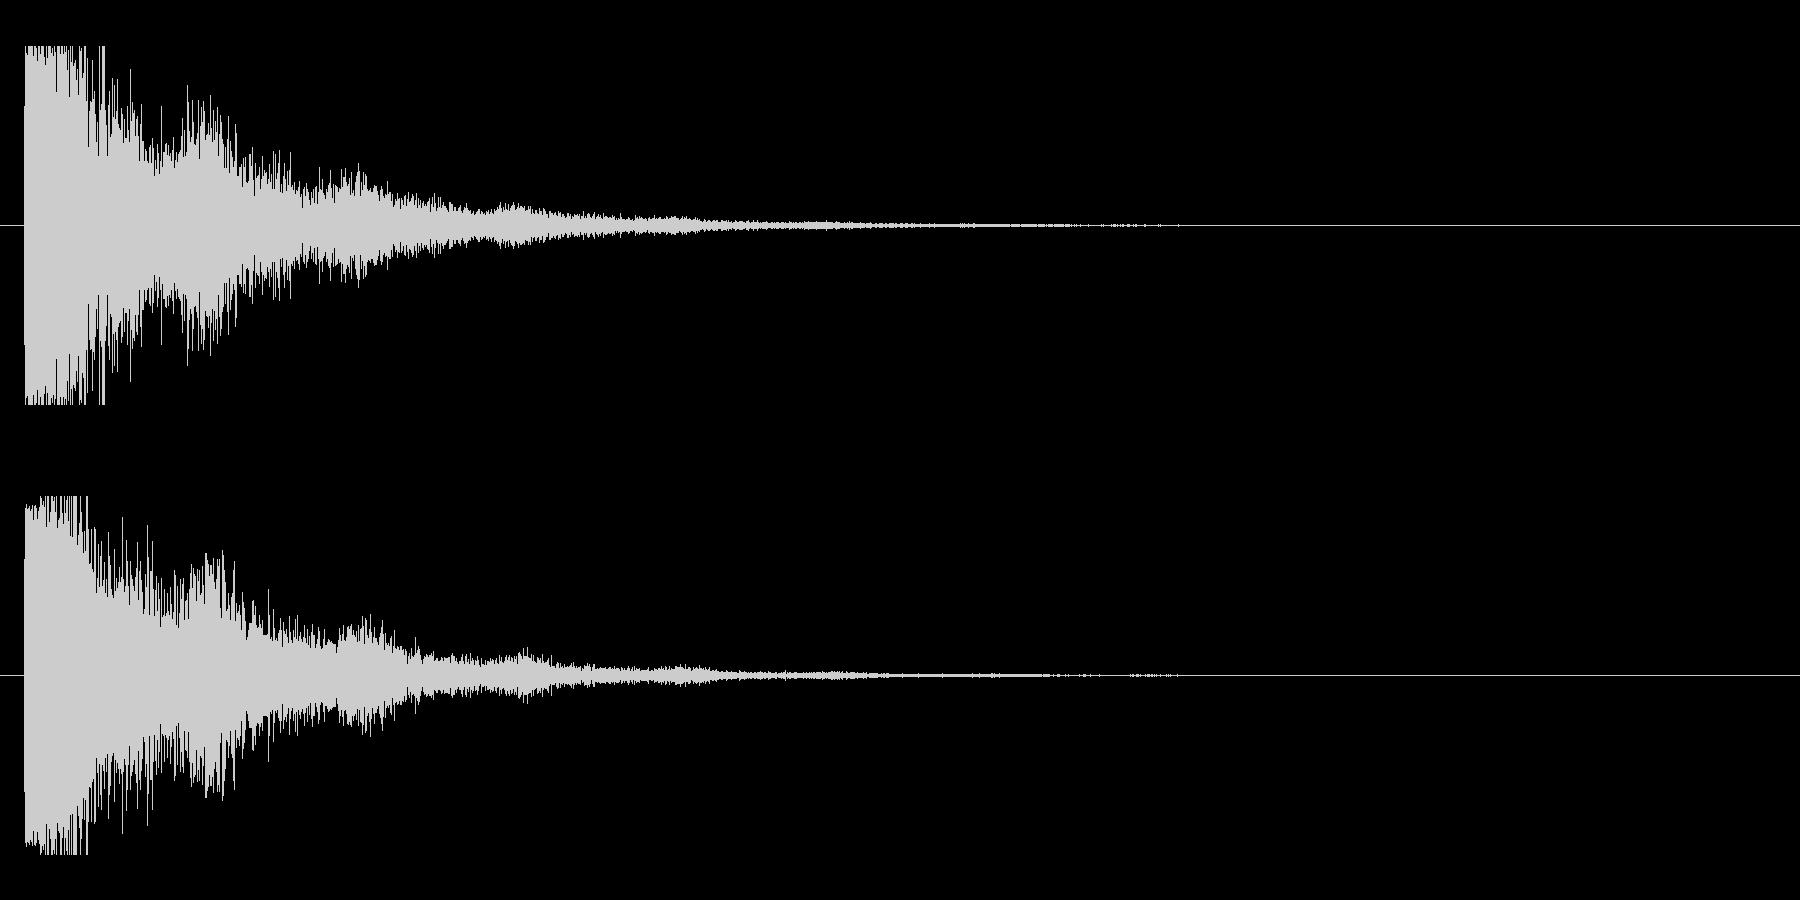 レーザー音-19-2の未再生の波形